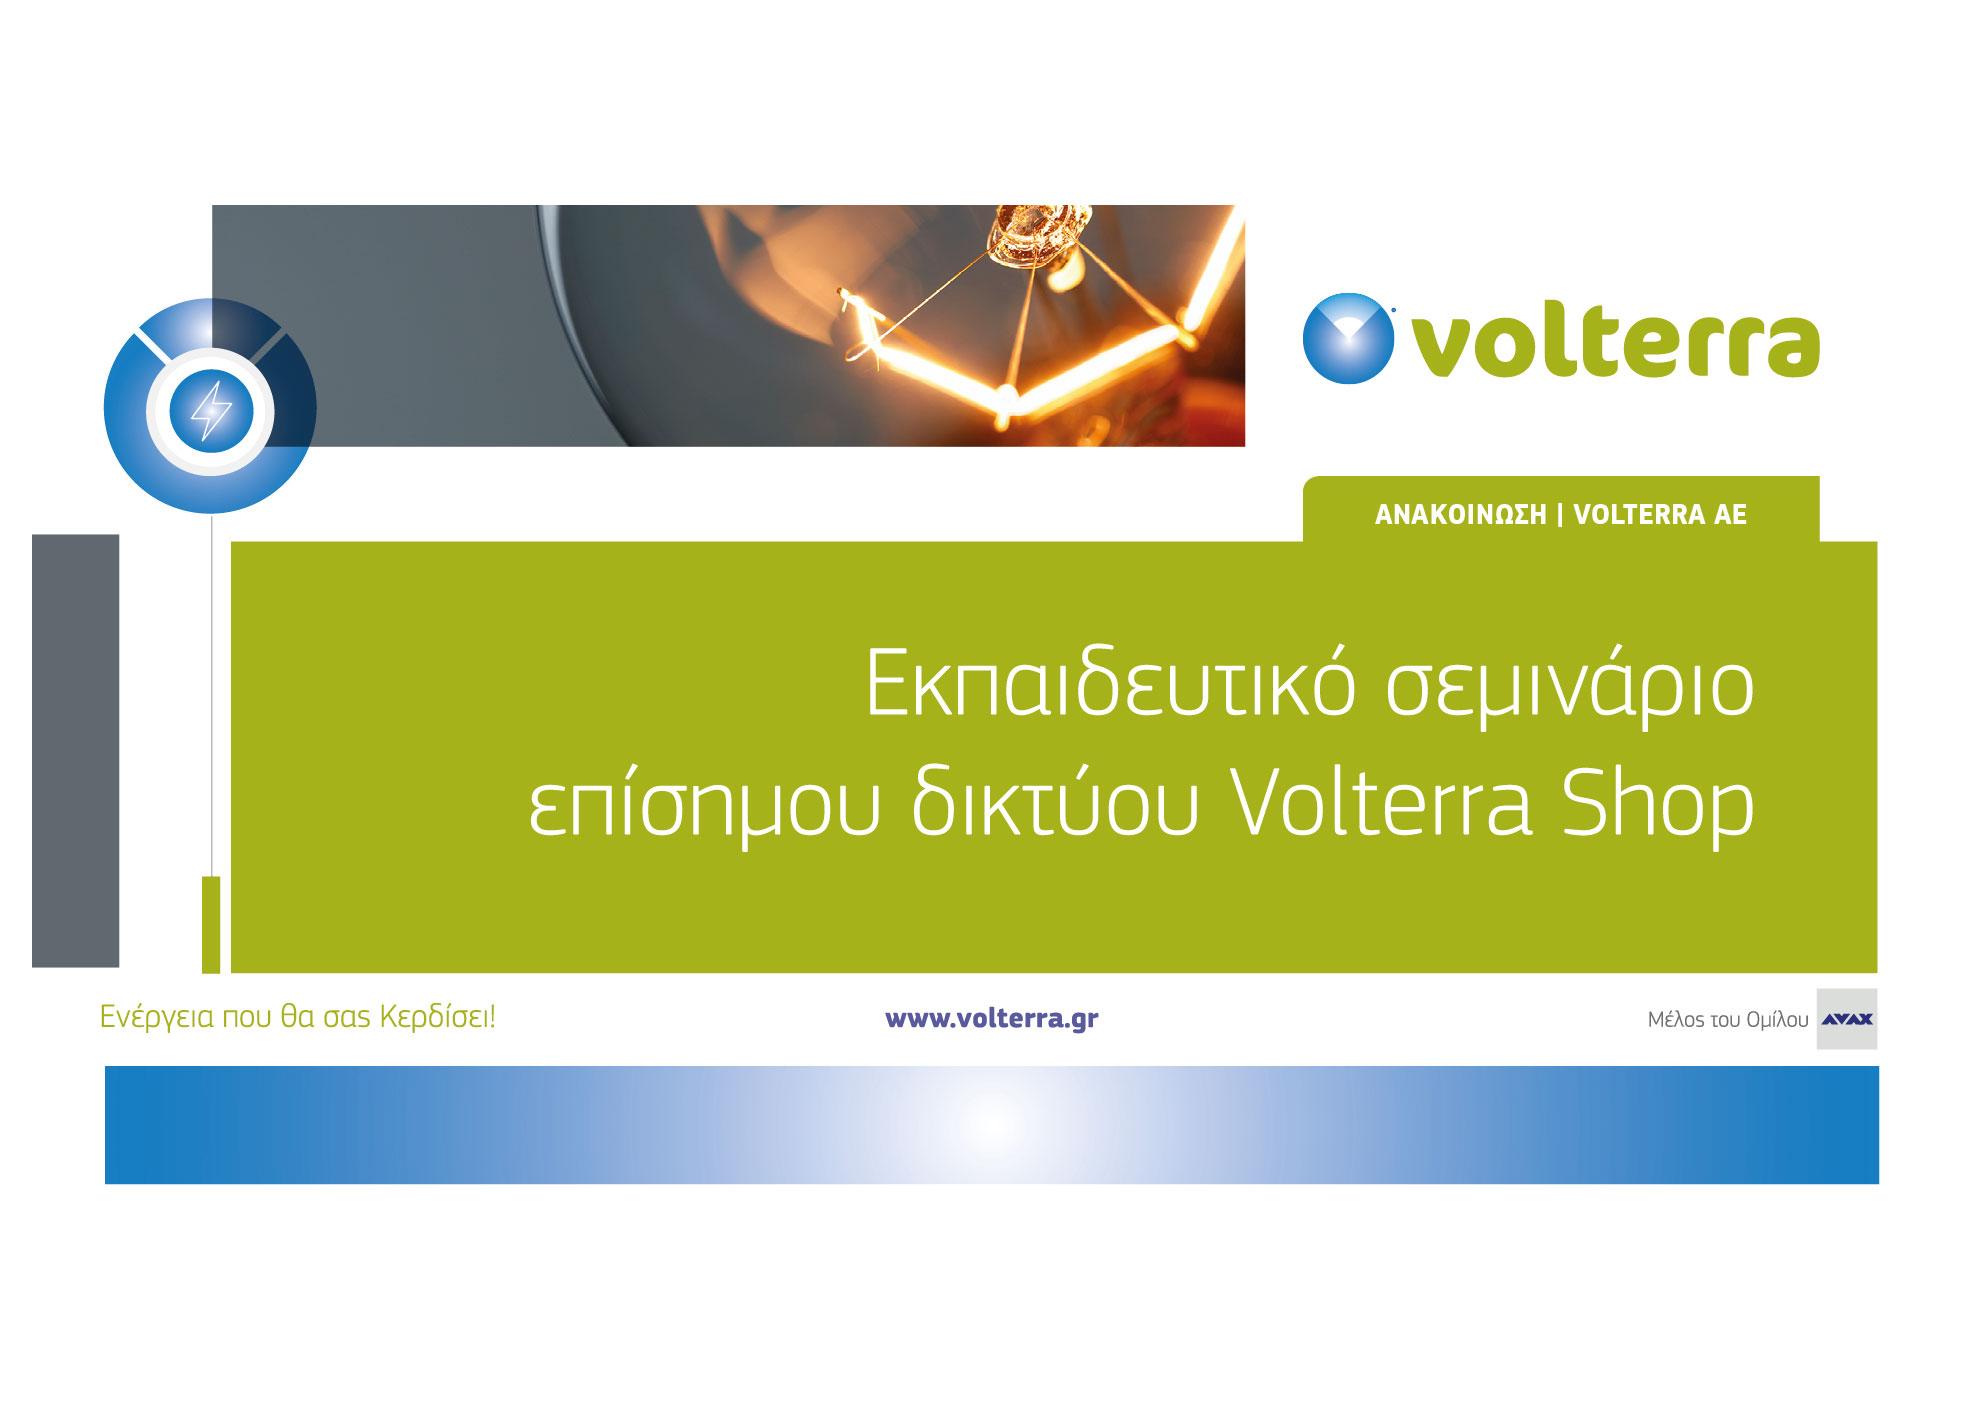 Εκπαιδετικό σεμινάριο επίσημου δικτύου Volterra Shop